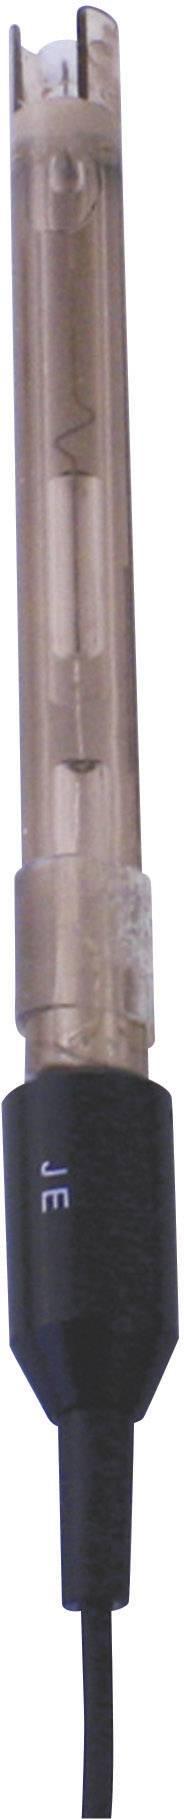 Standardní pH elektroda Greisinger GE 100 s BNC, 102090